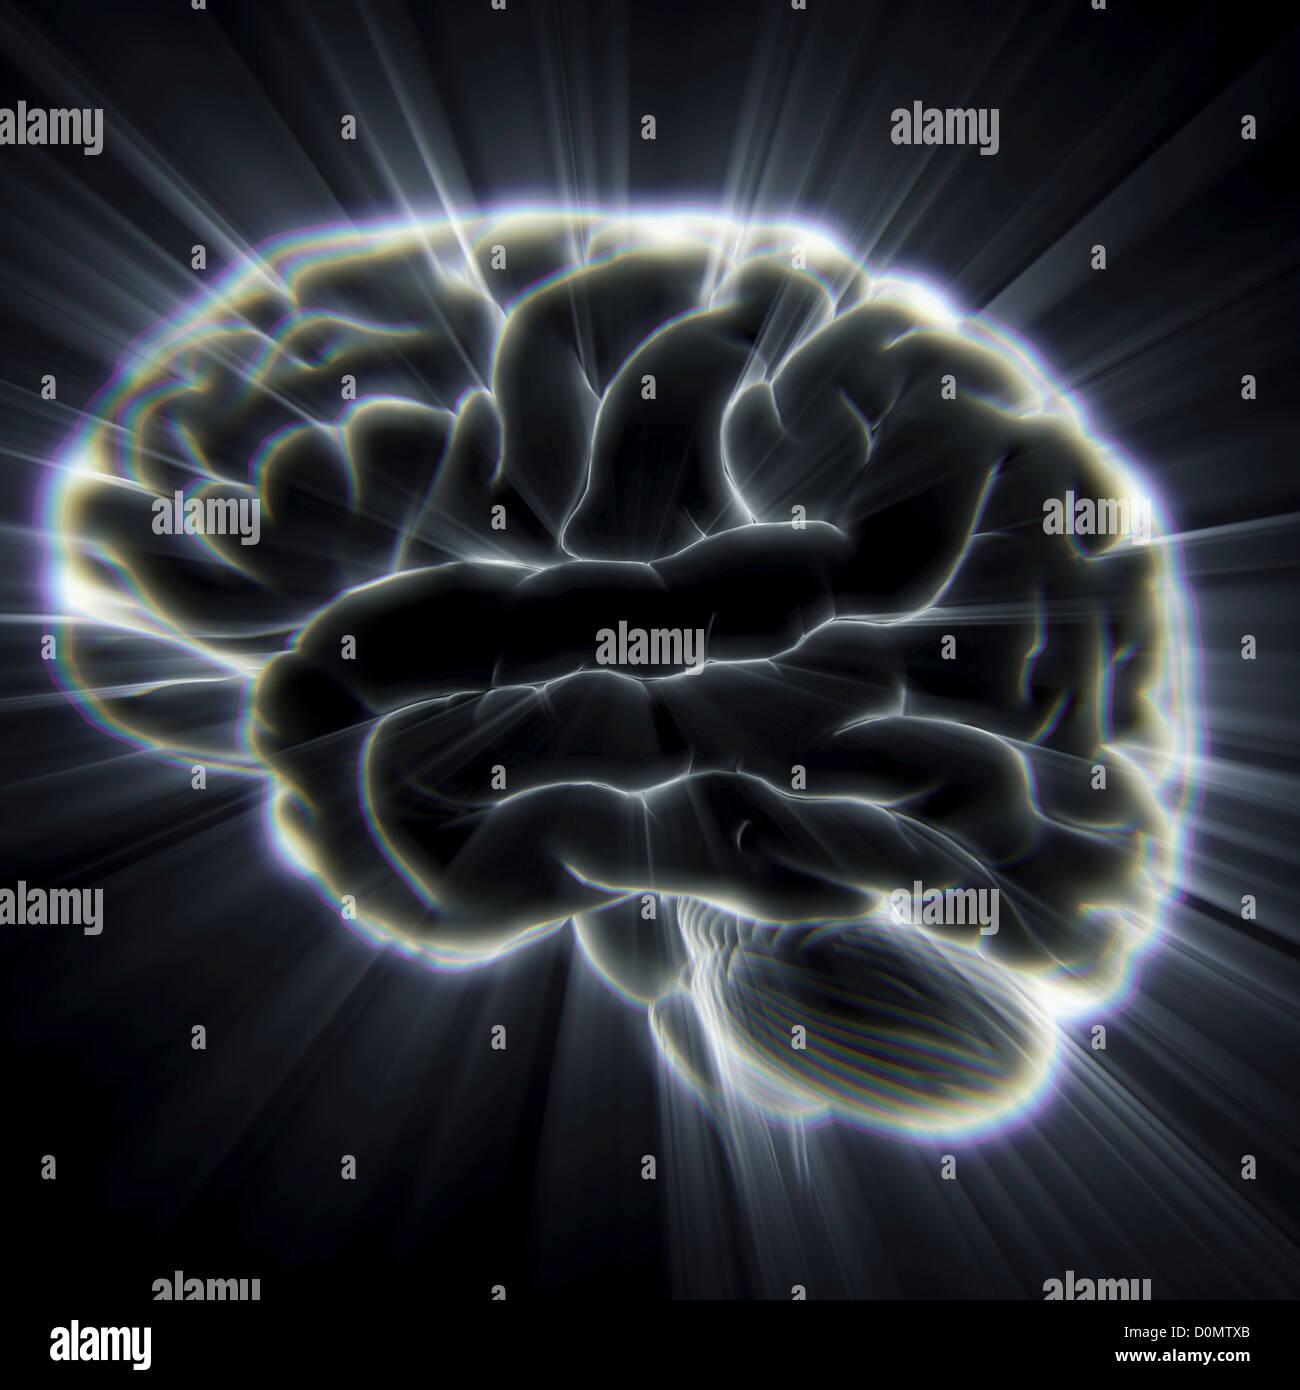 Diagrama del cerebro humano emana rayos de luz. Imagen De Stock